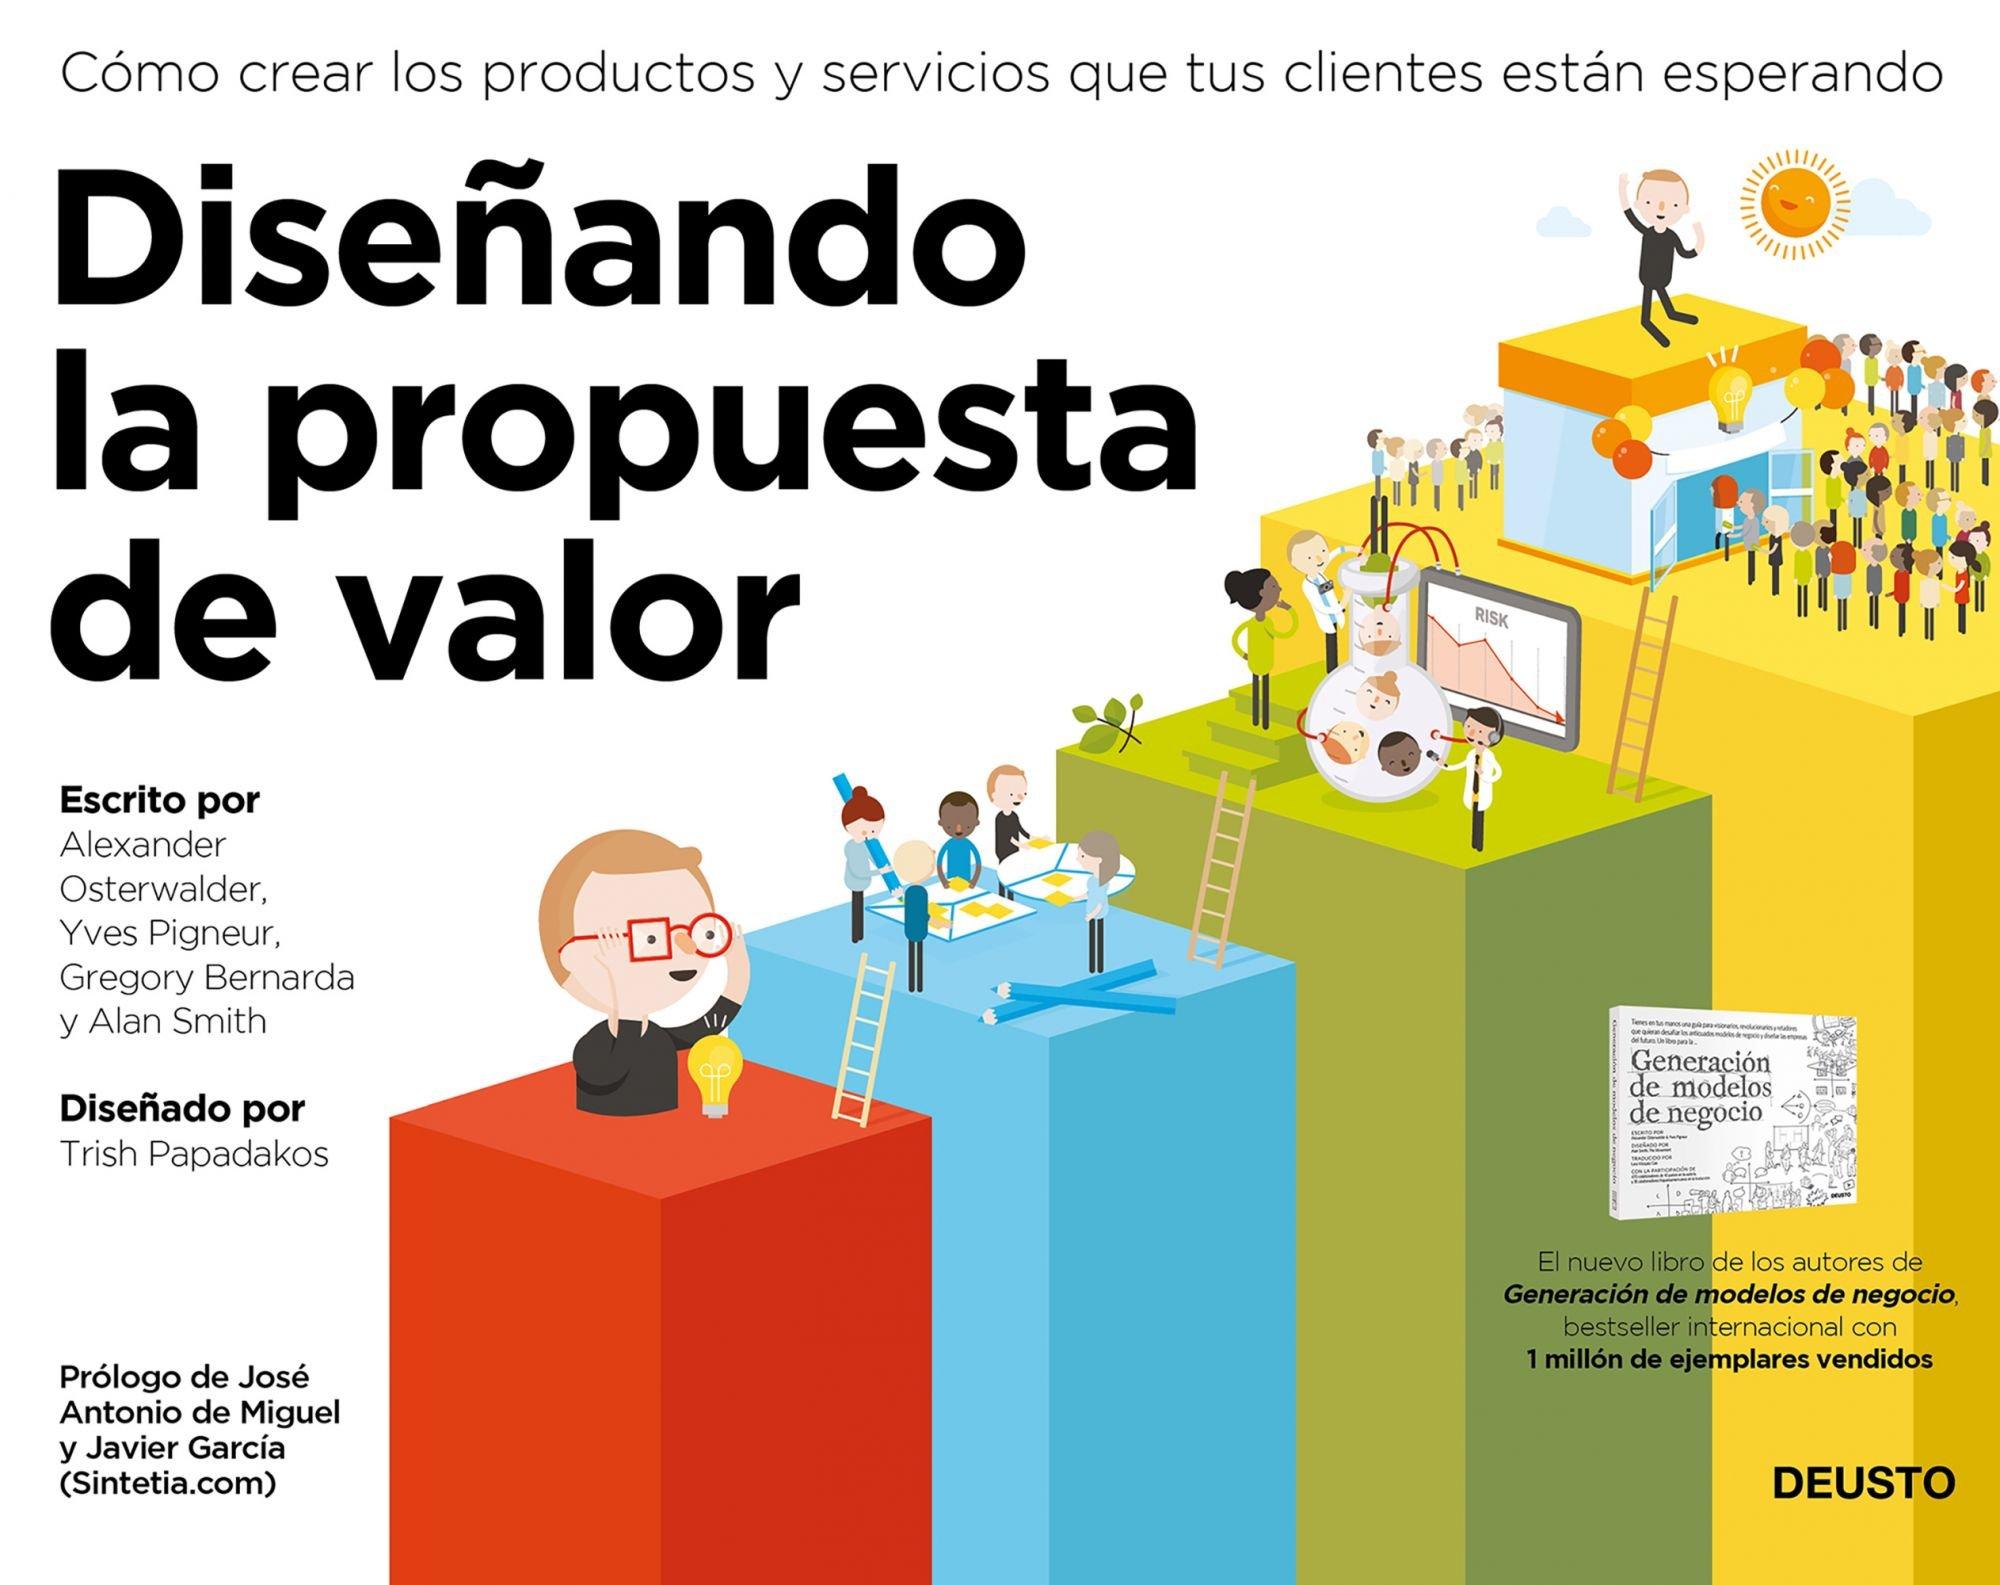 Diseñando la propuesta de valor: Cómo crear los productos y servicios que tus clientes están esperando.